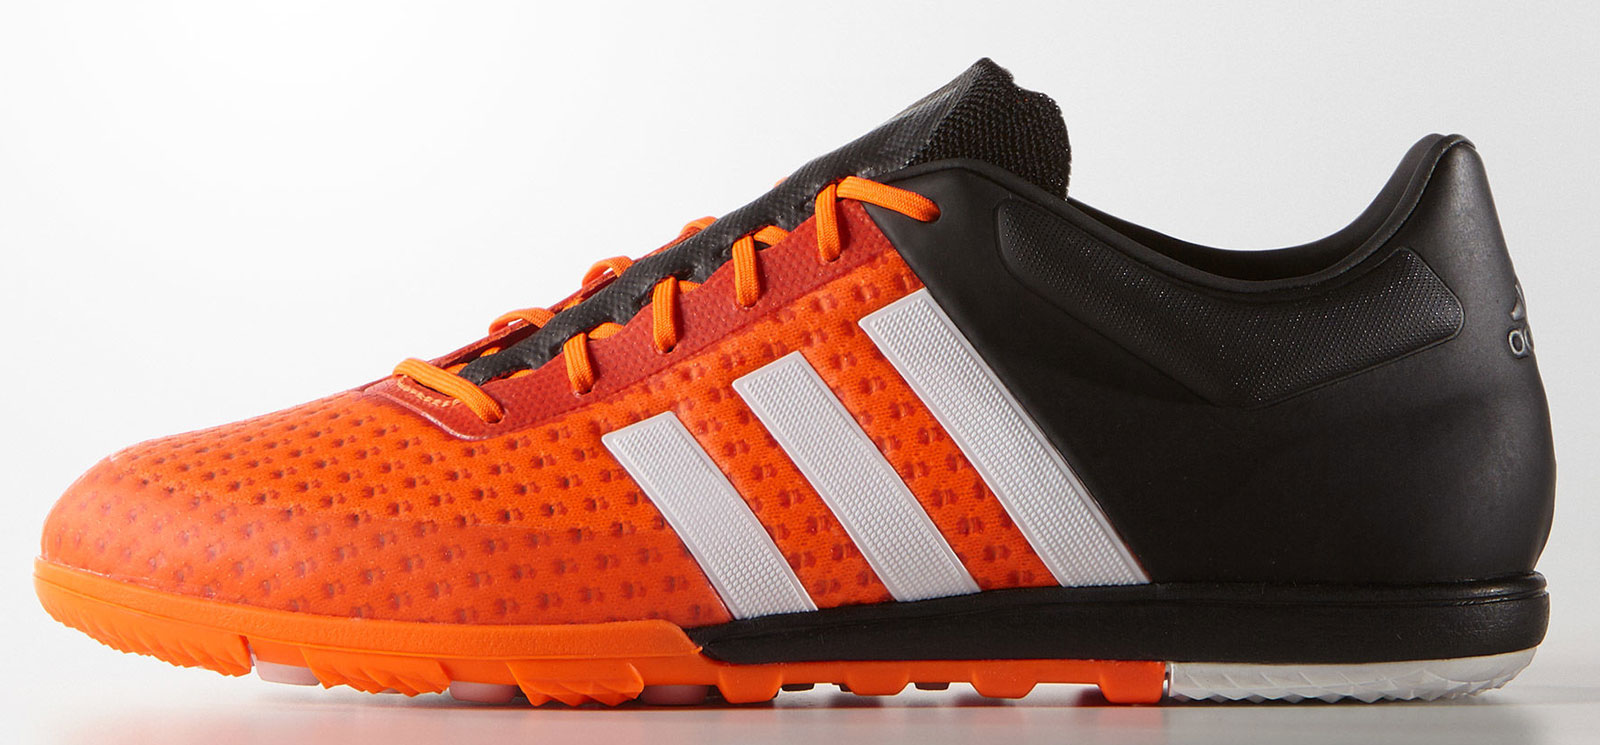 official photos 9661e 1b54e ... spain new adidas shoes 2015 26718 ab0a0